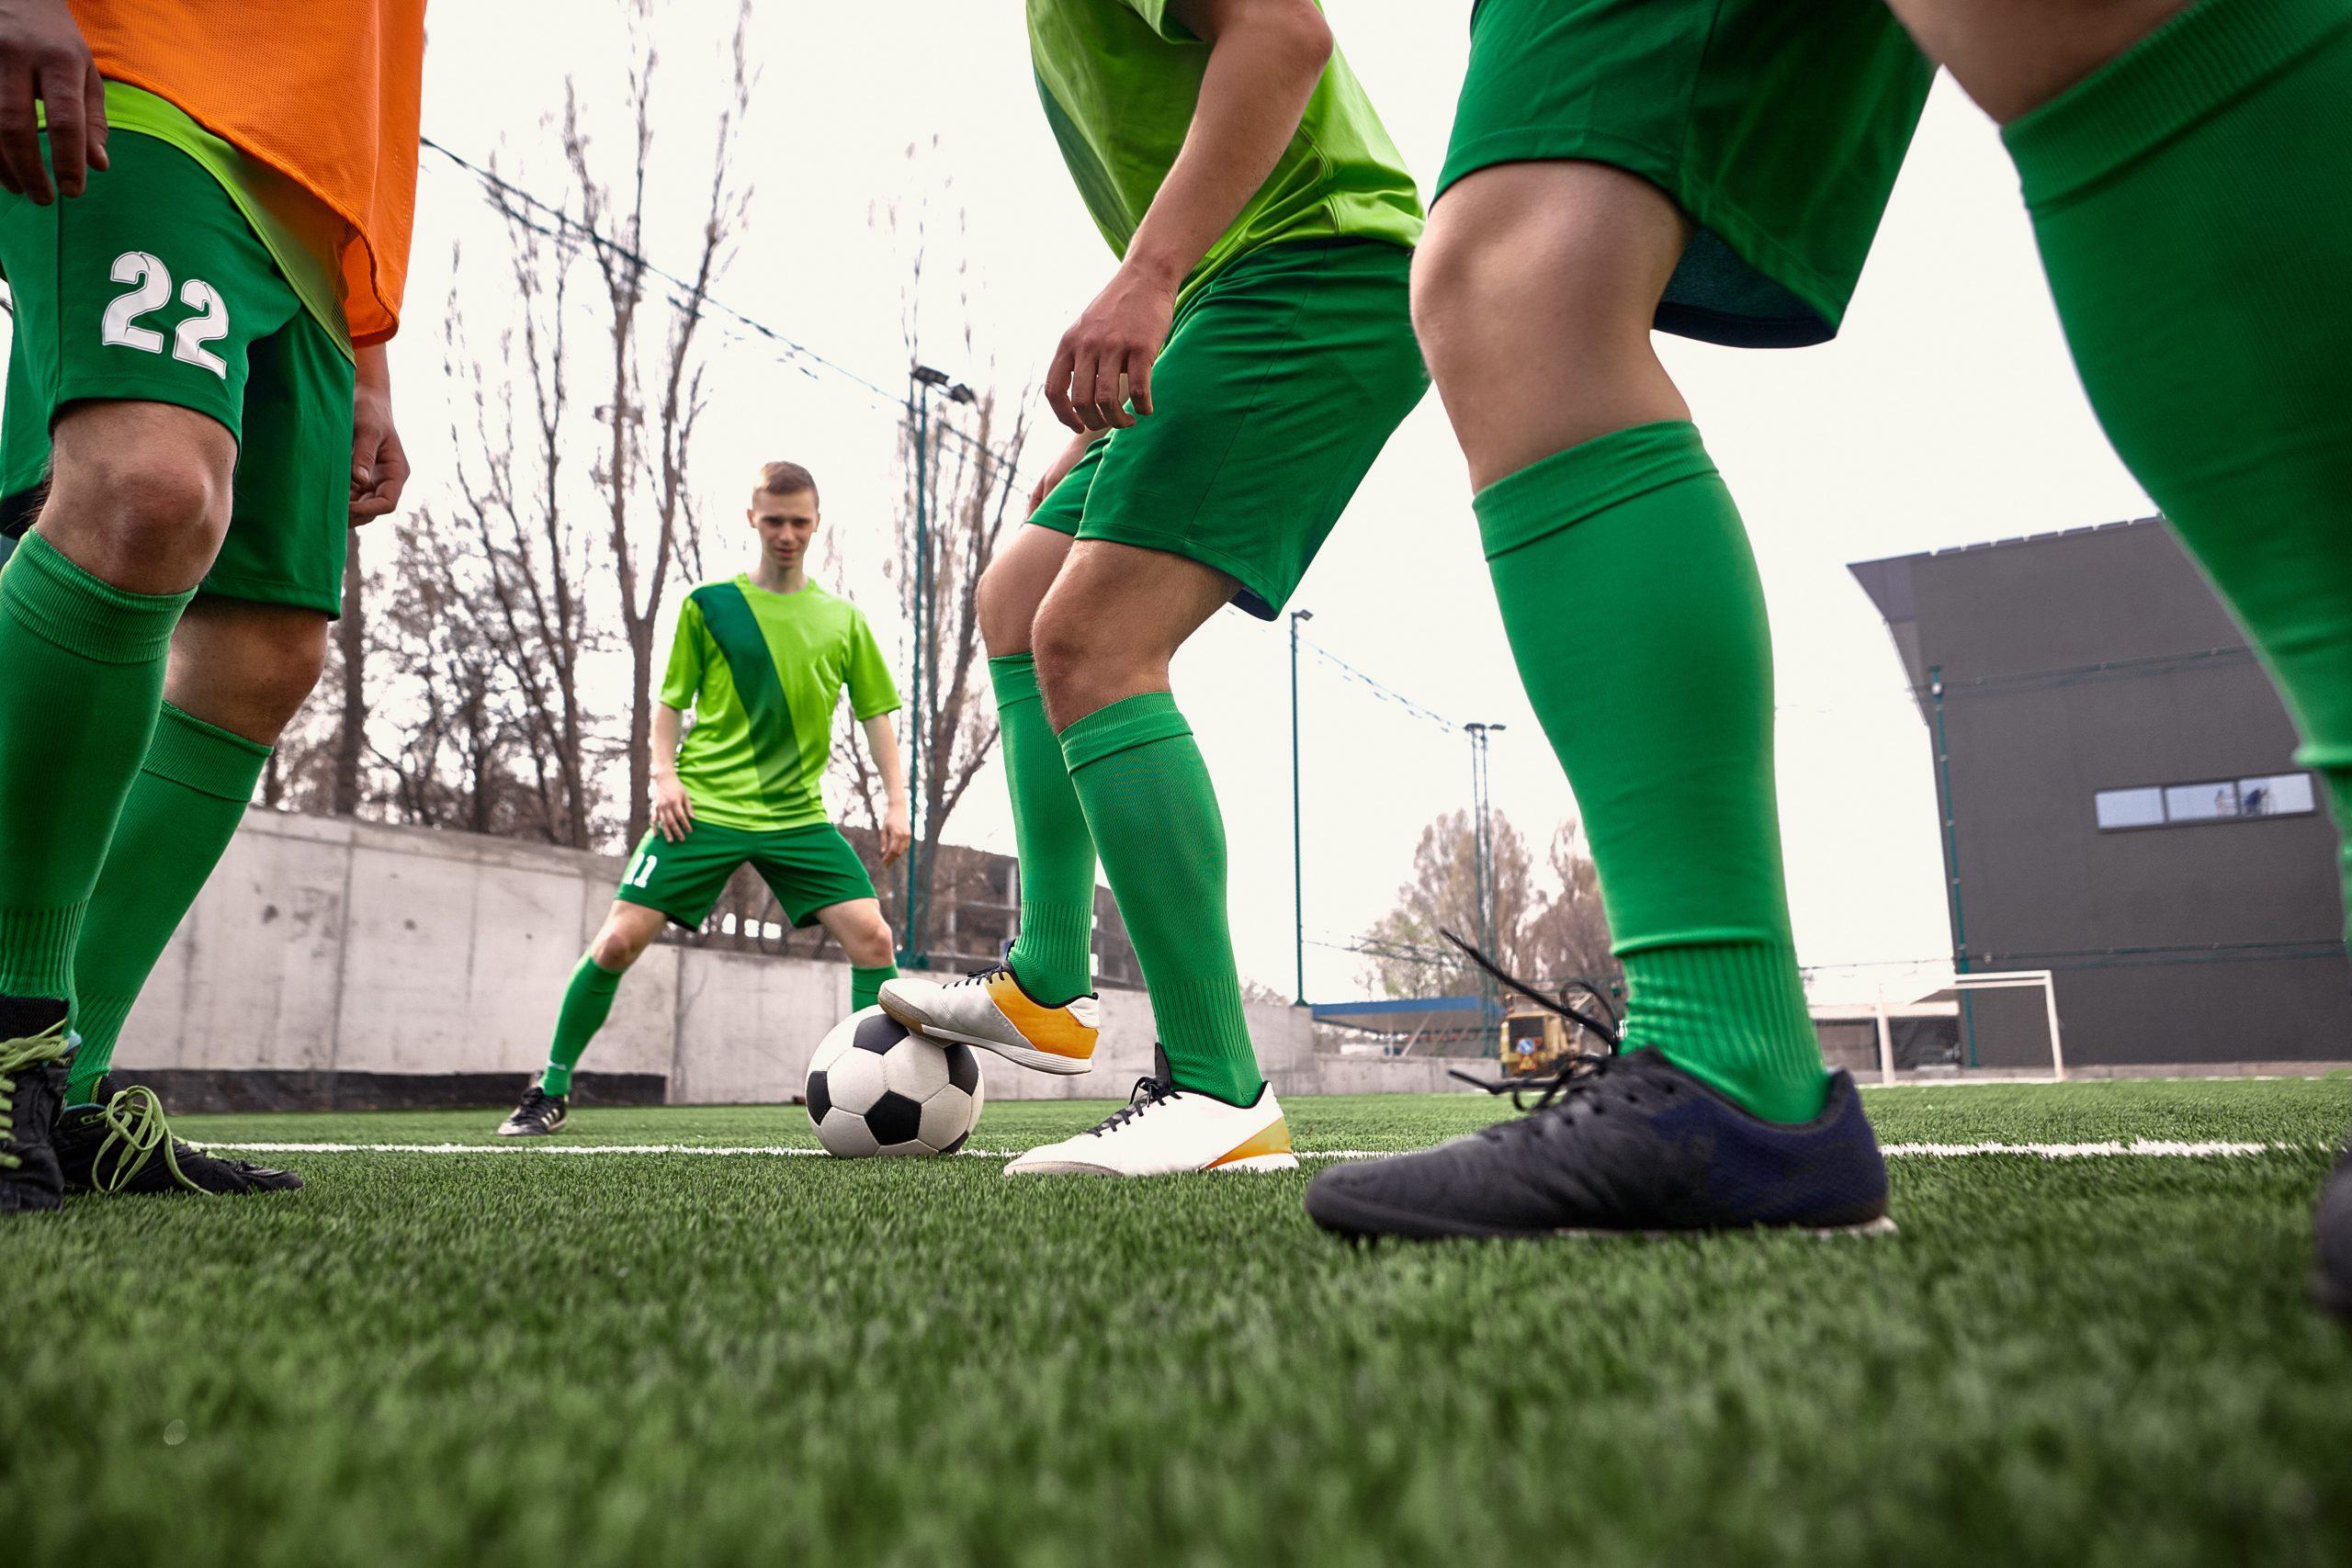 Jovens jogando futebol no campo